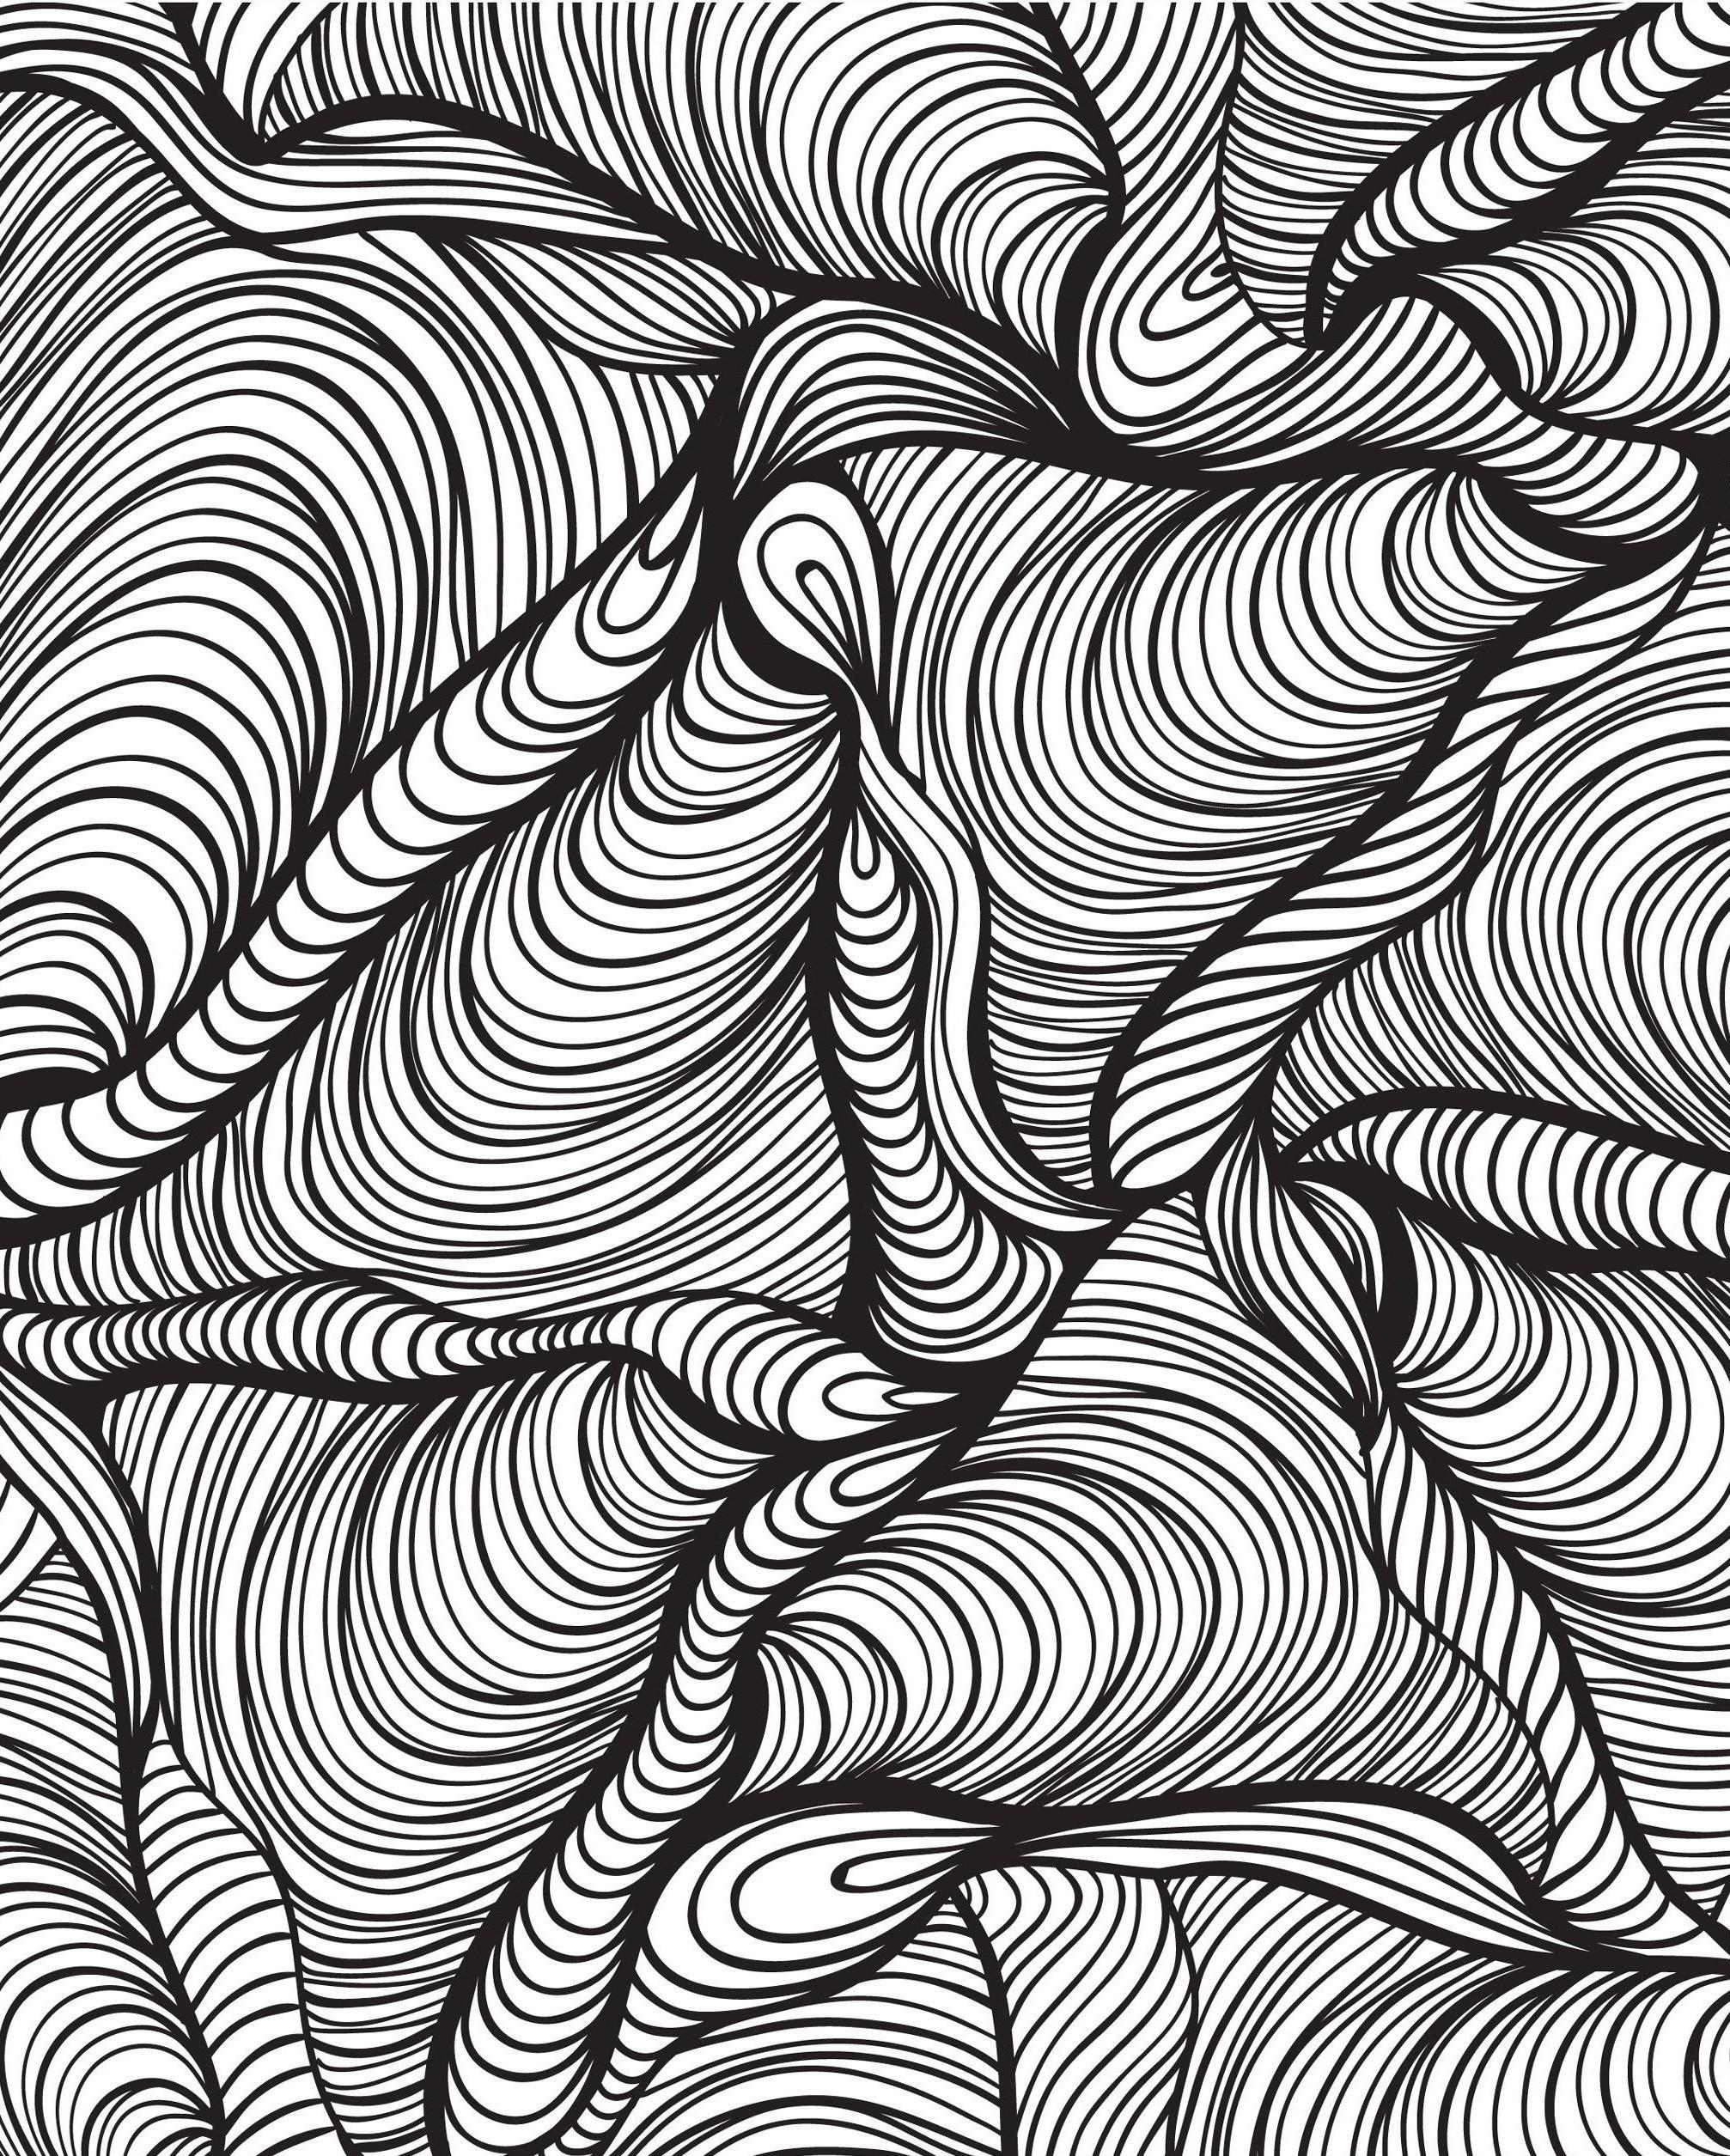 Треугольники - Узоры - Раскраски антистресс